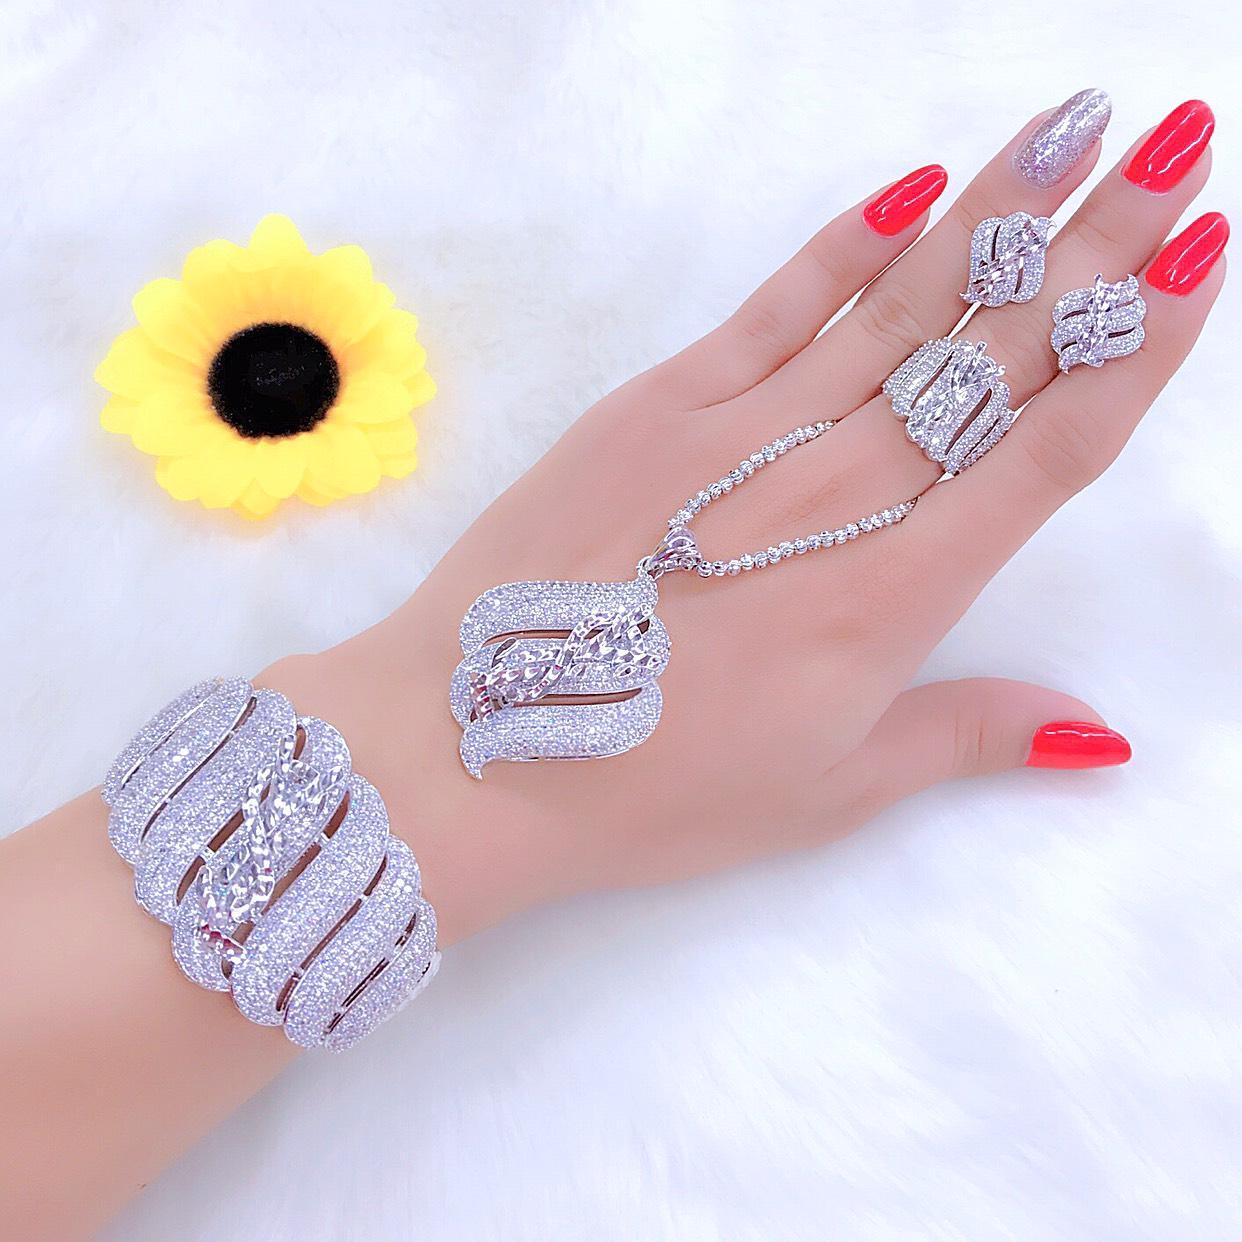 [ Bộ Trang Sức Nữ Dùng Đi Tiệc HOT 2019 - Bền Màu, Cam Kết Không Đen ] Thiết Kế Sang Trọng Phù Hợp Với Mọi Lứa Tuổi, Đặc Biết Giống Vàng 99% - Givishop - VB4260504, đồ trang sức bằng vàng đẹp, trang sức bạc đẹp giá rẻ, trang suc gia re